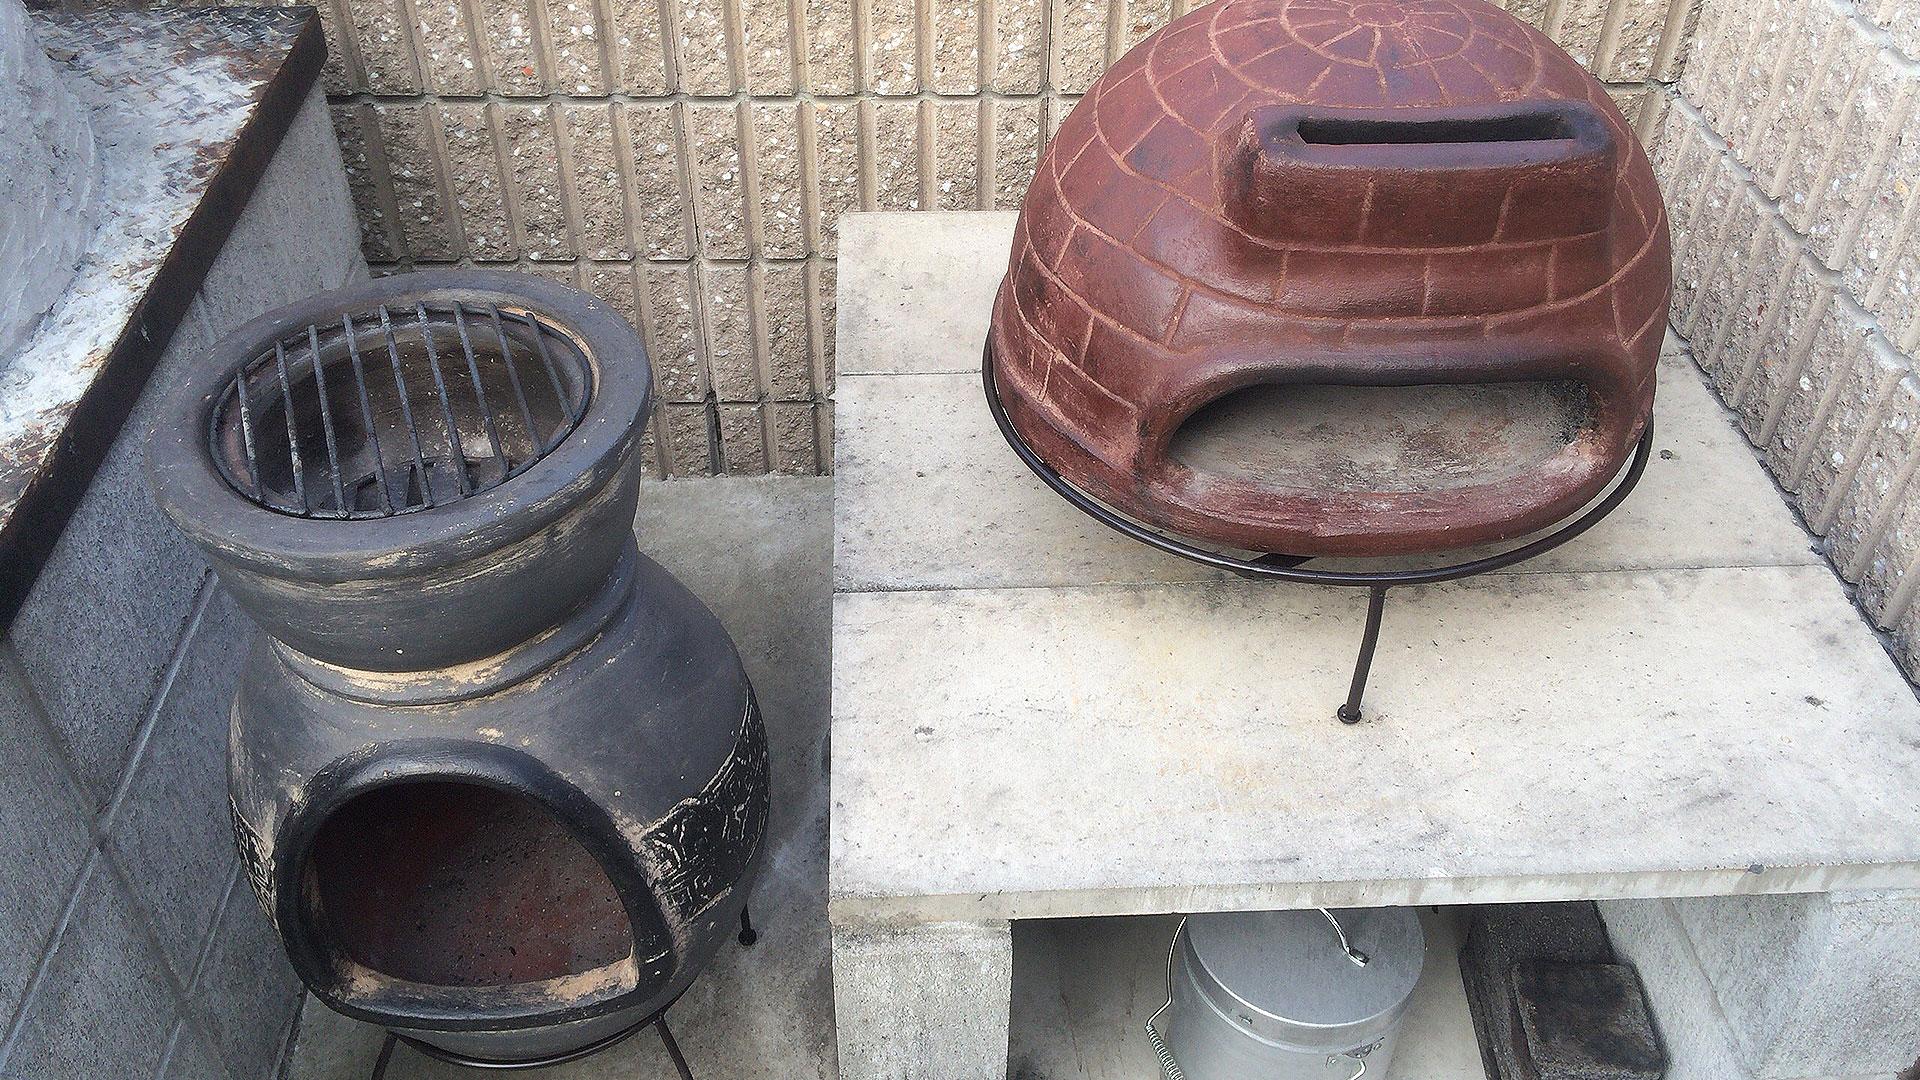 ピザ窯チムニーと暖炉型チムニー